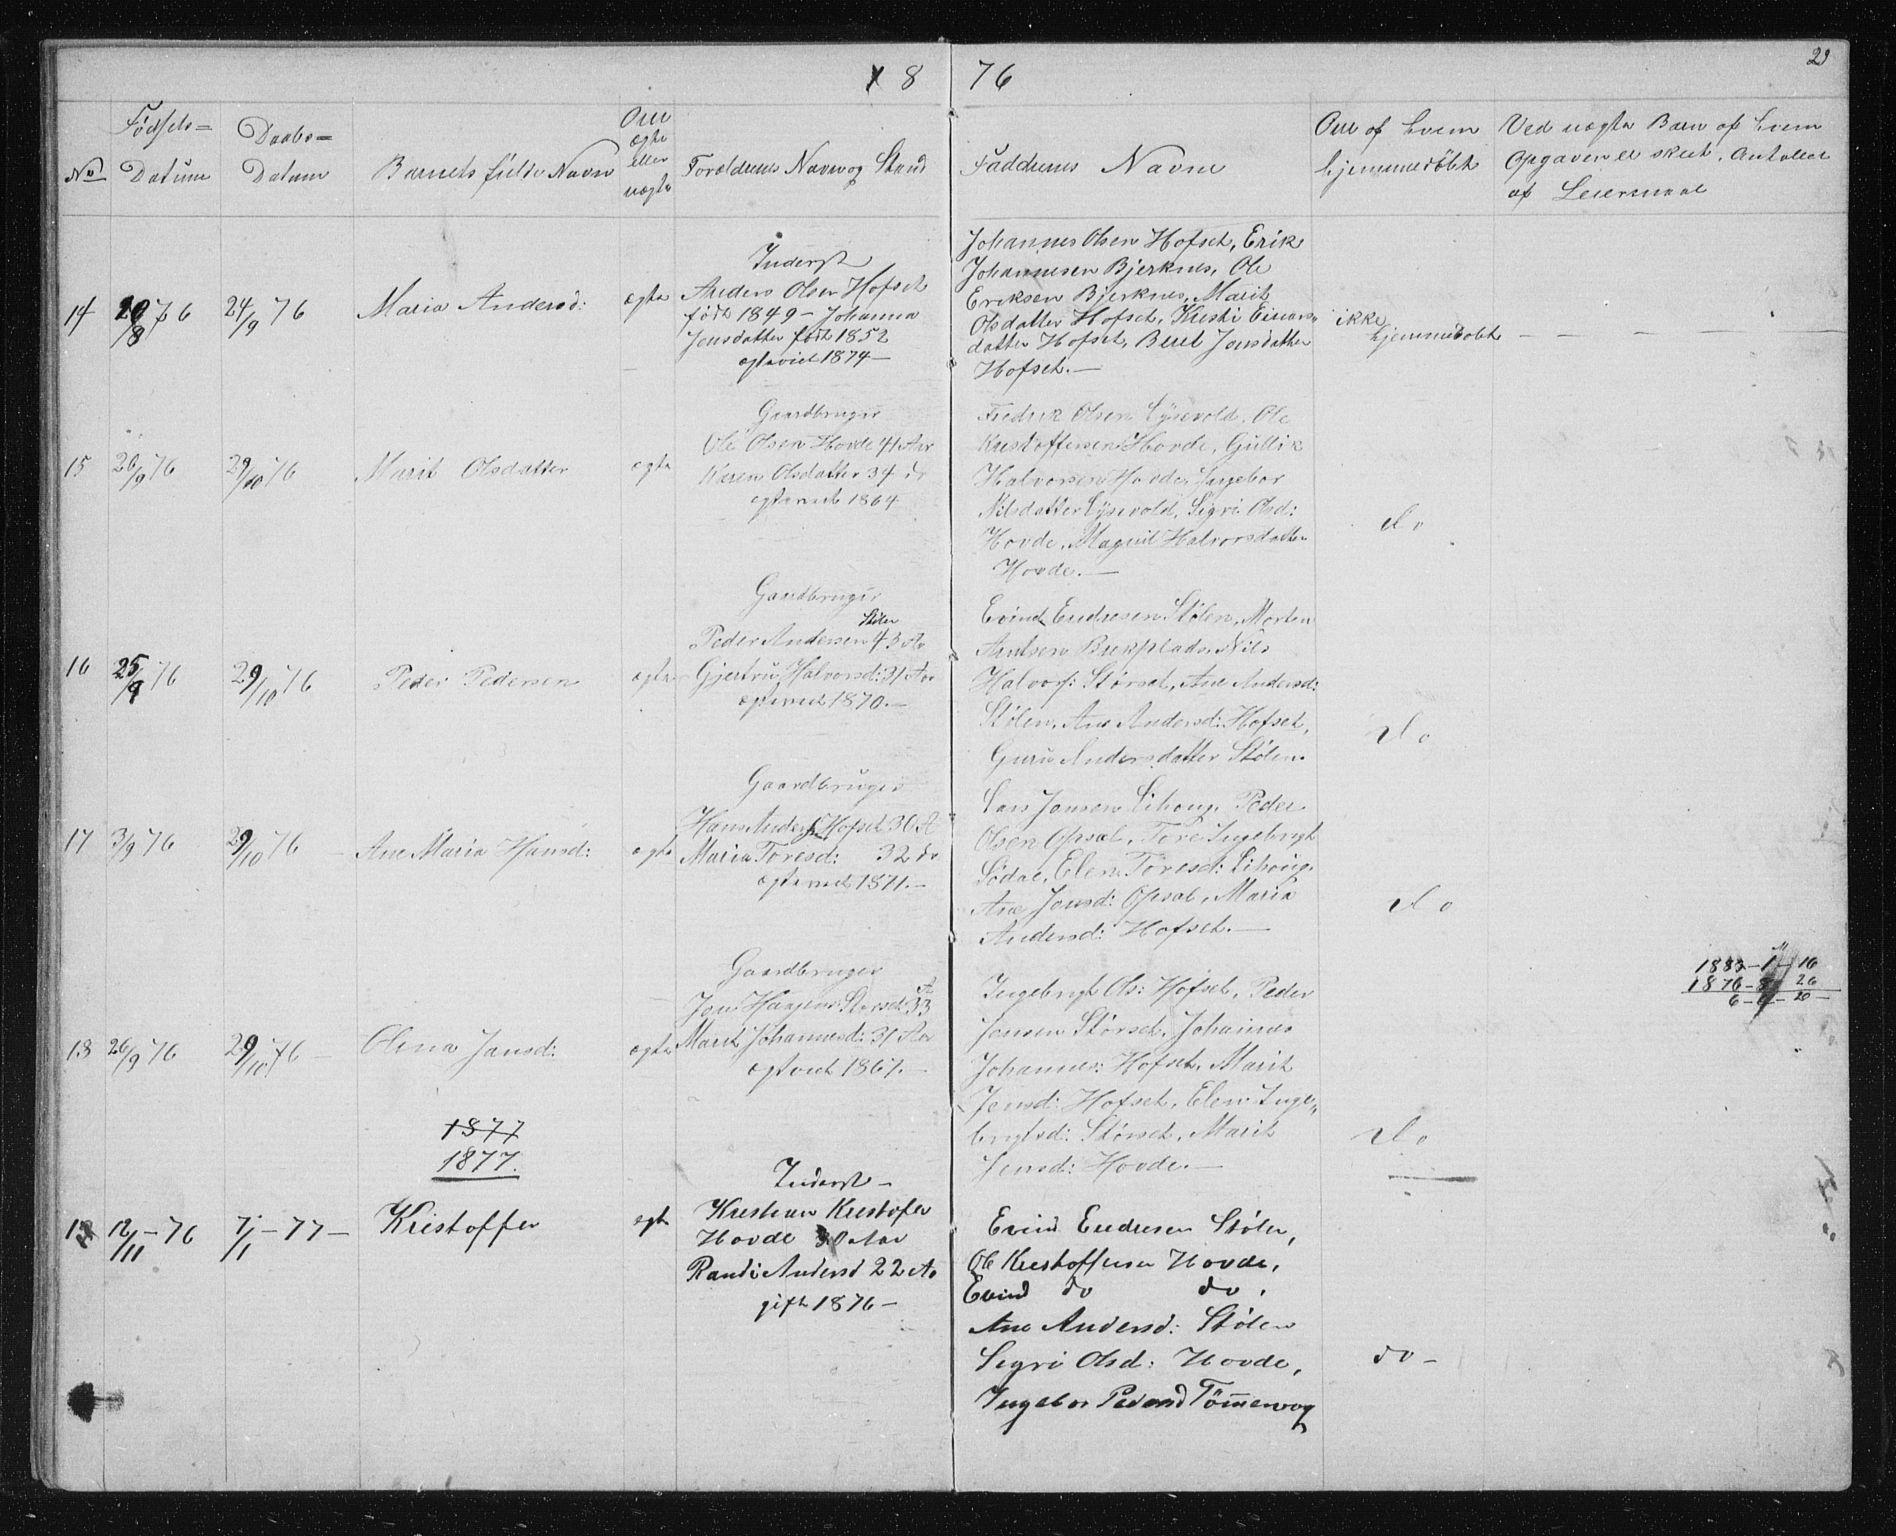 SAT, Ministerialprotokoller, klokkerbøker og fødselsregistre - Sør-Trøndelag, 631/L0513: Klokkerbok nr. 631C01, 1869-1879, s. 29